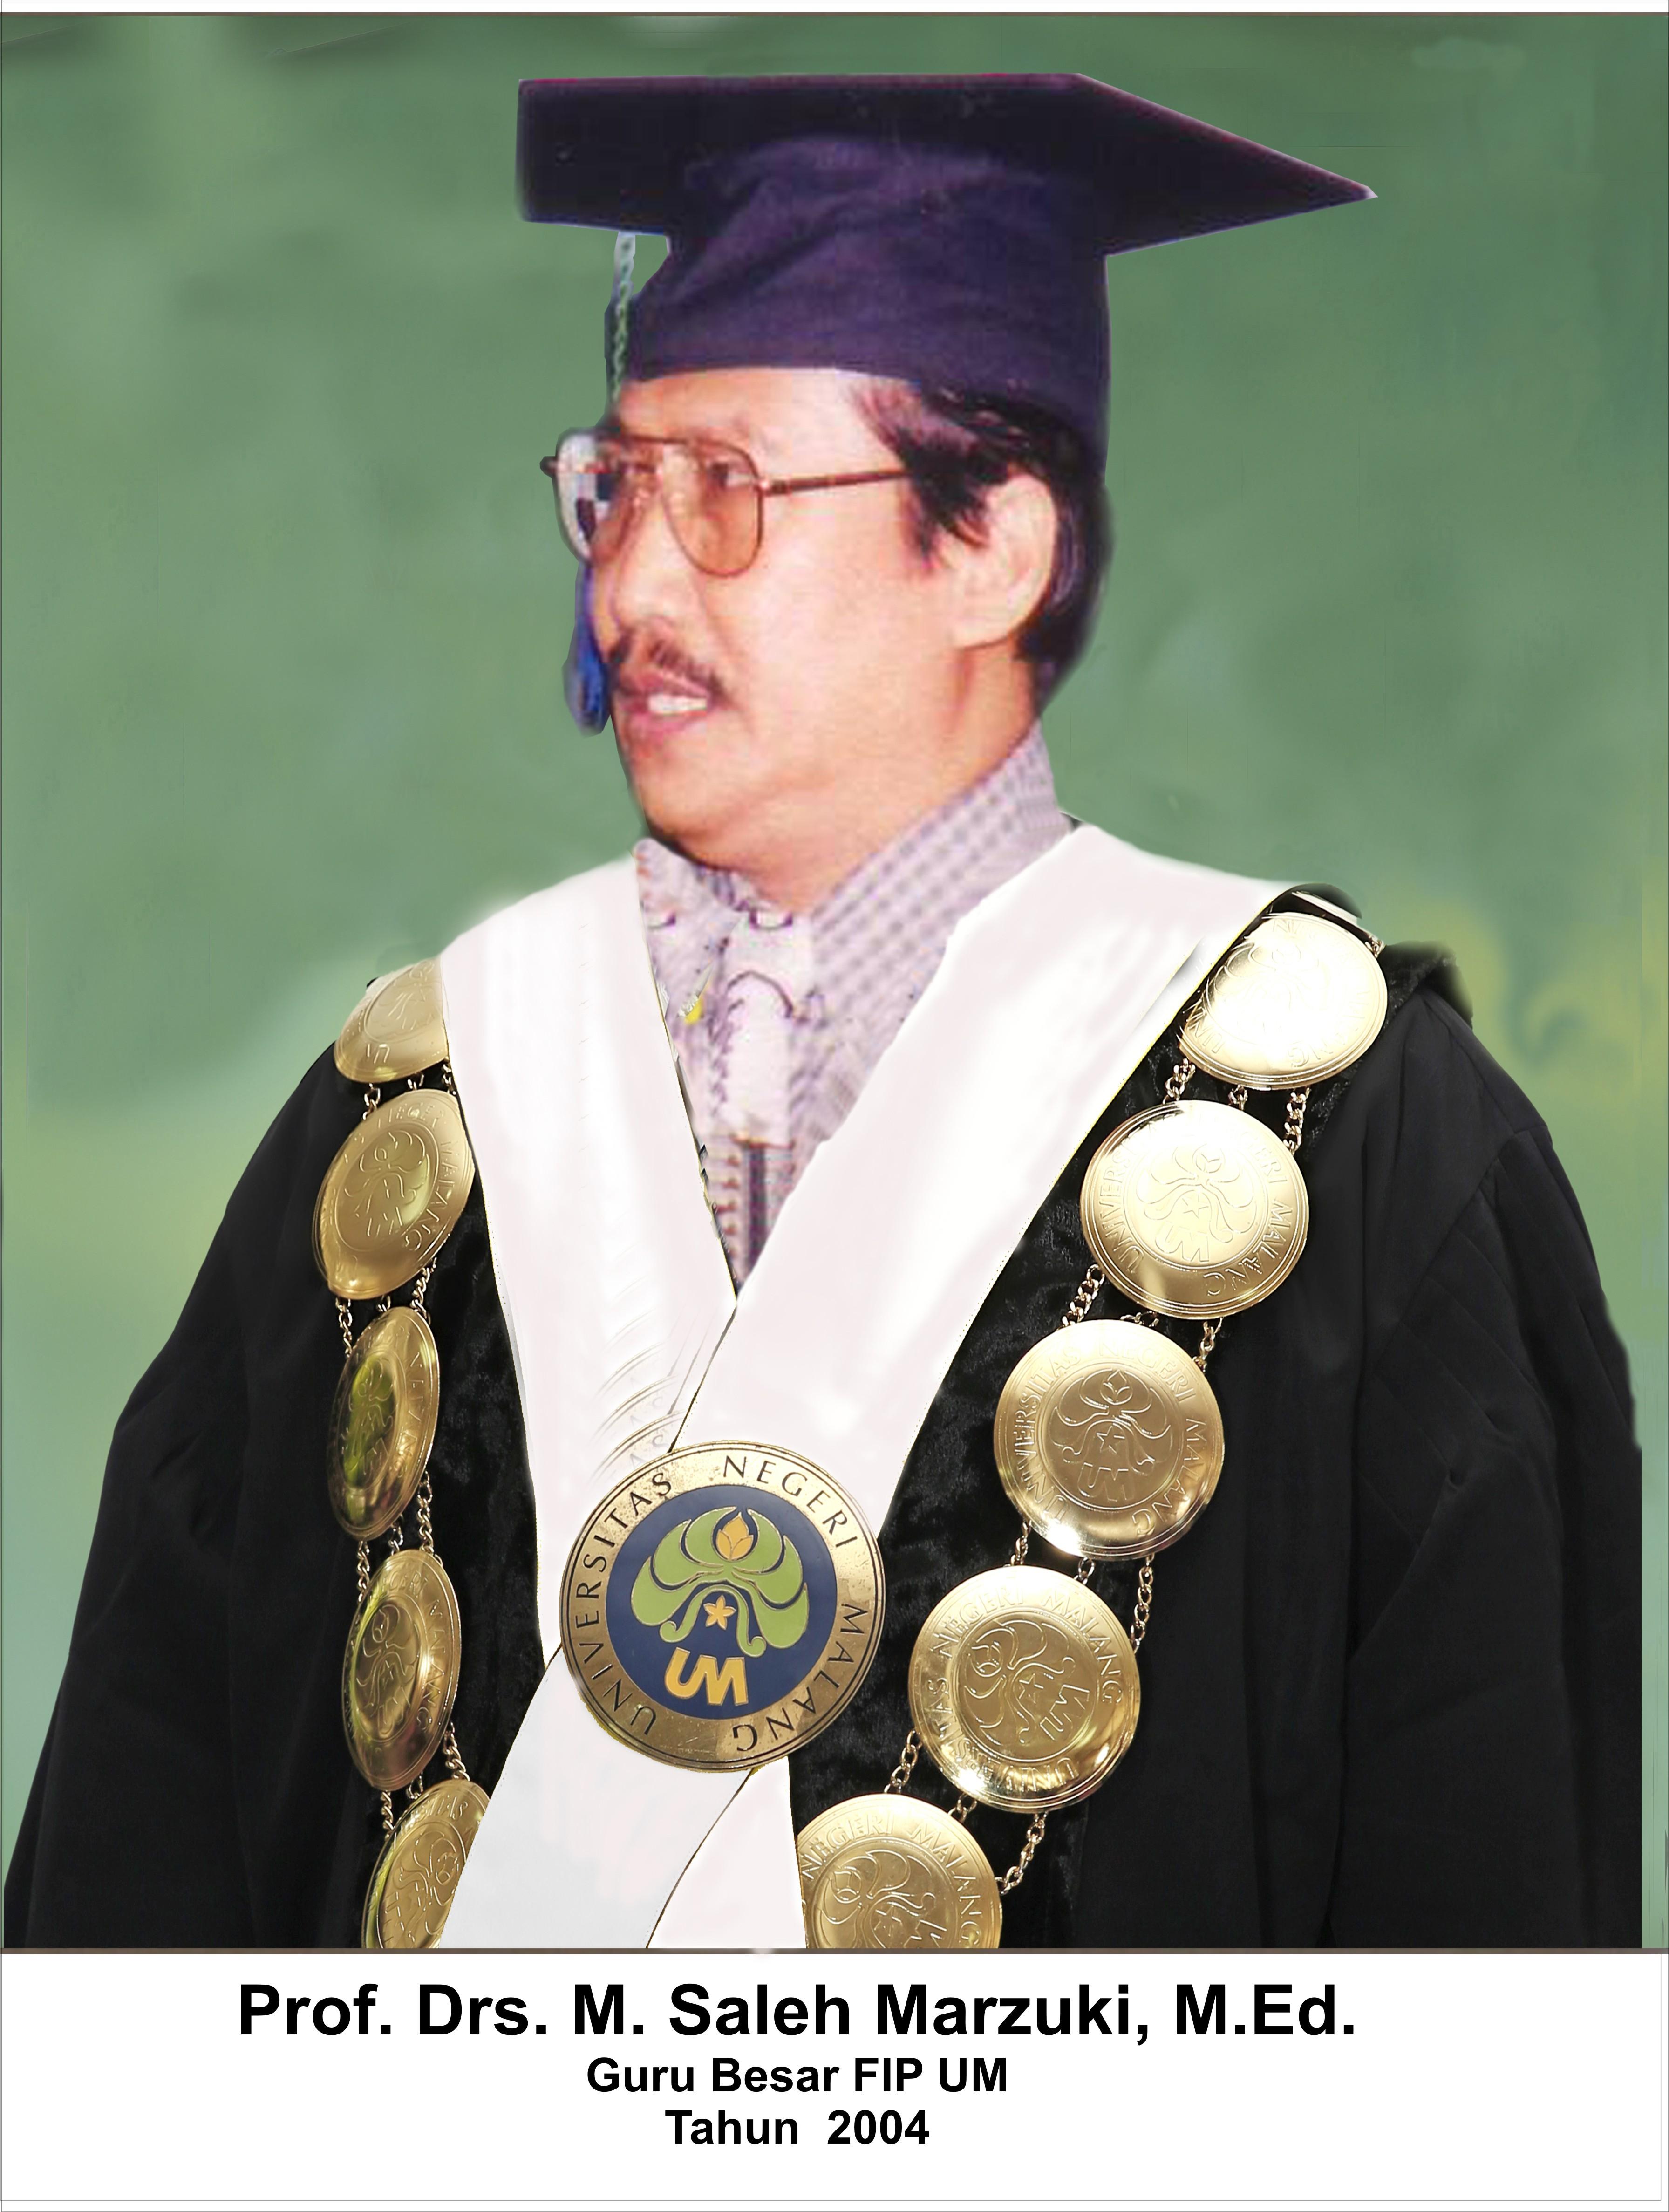 Prof. Drs. H. M. Saleh Marzuki, M.Ed. adalah sesepuh, guru, dan figur penting yang ikut mewarnai perjalanan perguruan tinggi UM